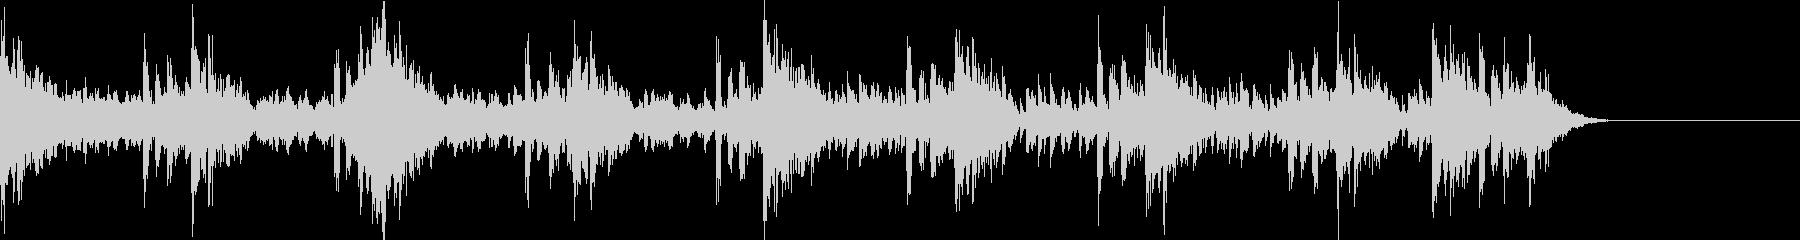 パーカッションによる緊迫としたBGM2の未再生の波形